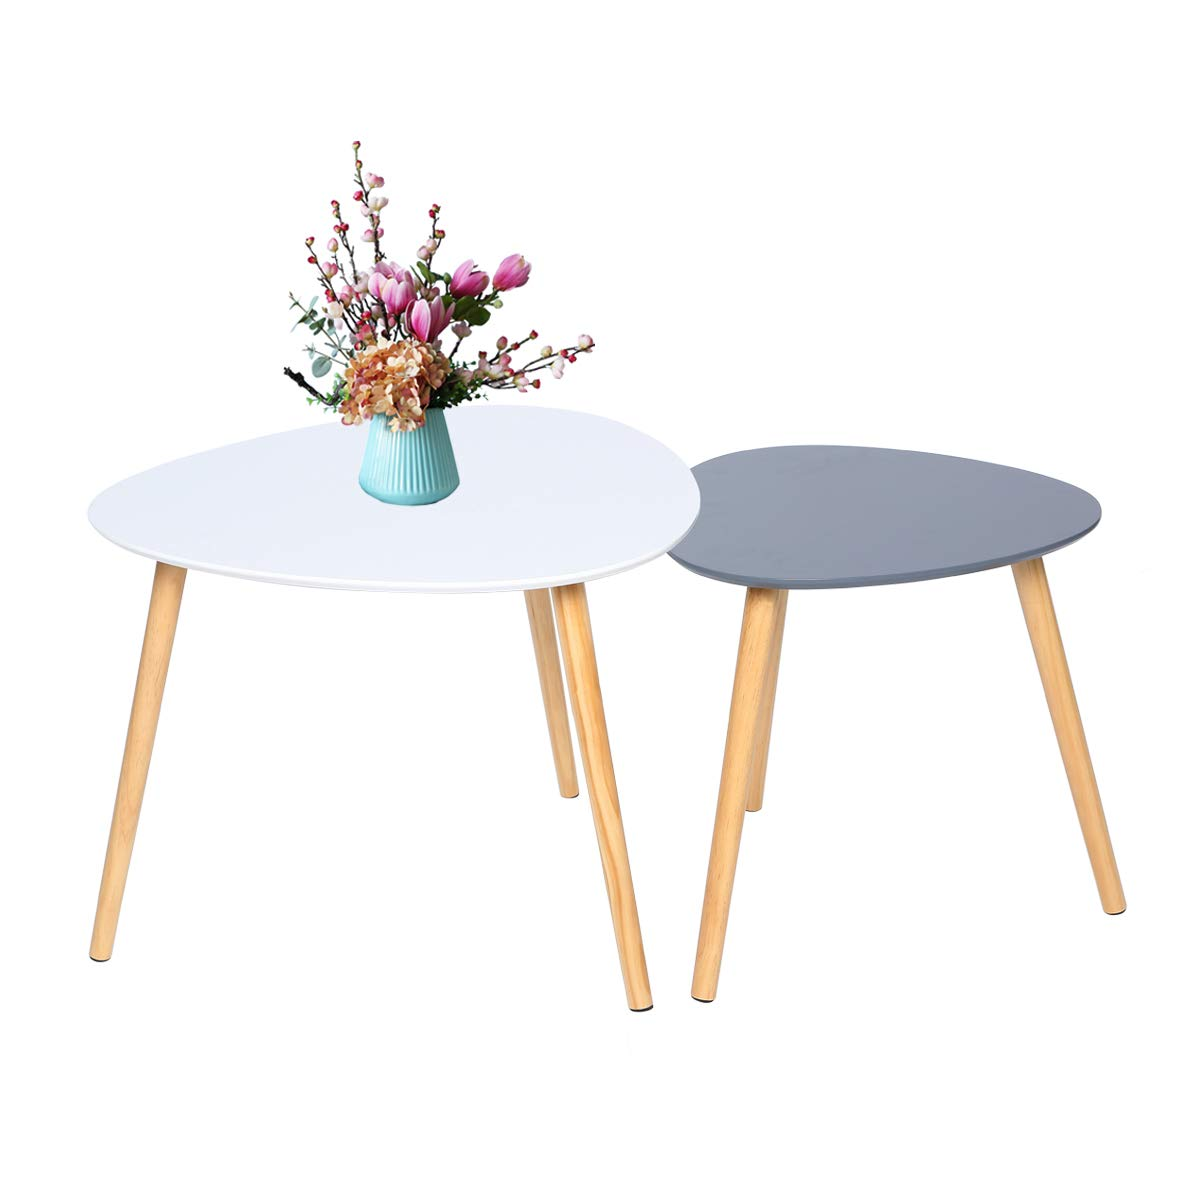 bianco e grigio Tavolino set di 2 tavolini scandinavi tavolino triangolare moderno tavolino per soggiorno balcone